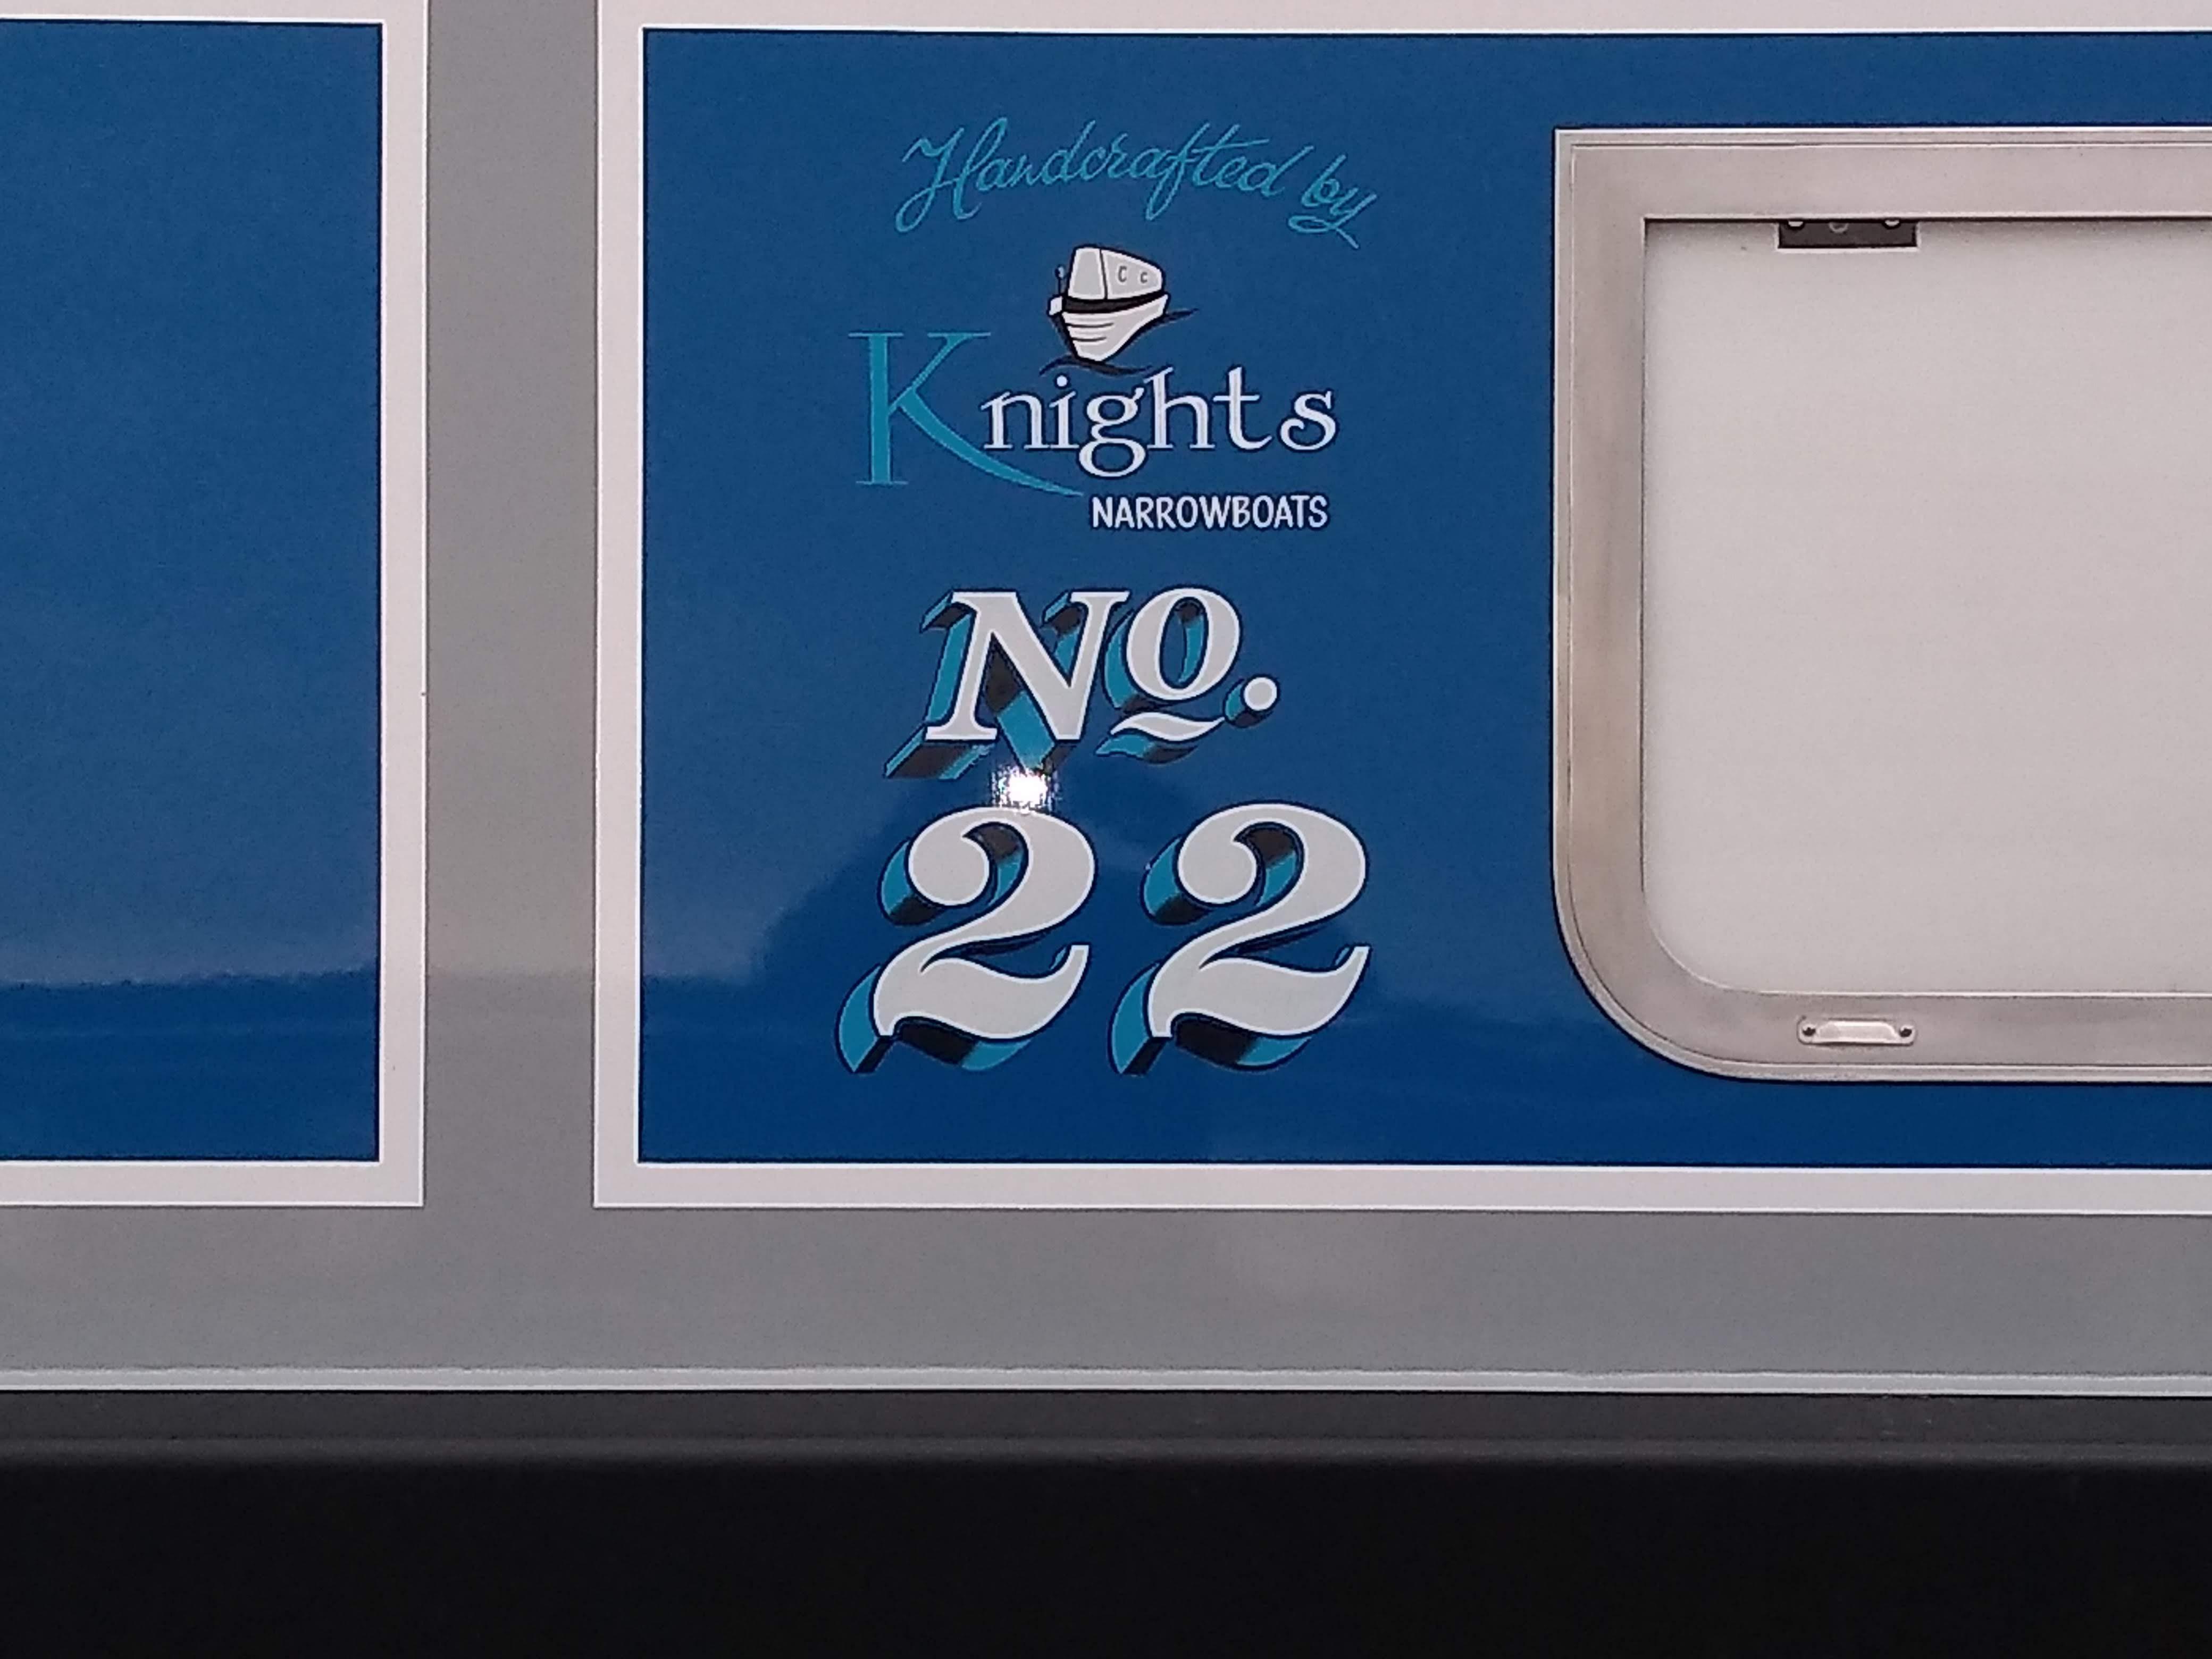 No.22 | Knights Narrowboats